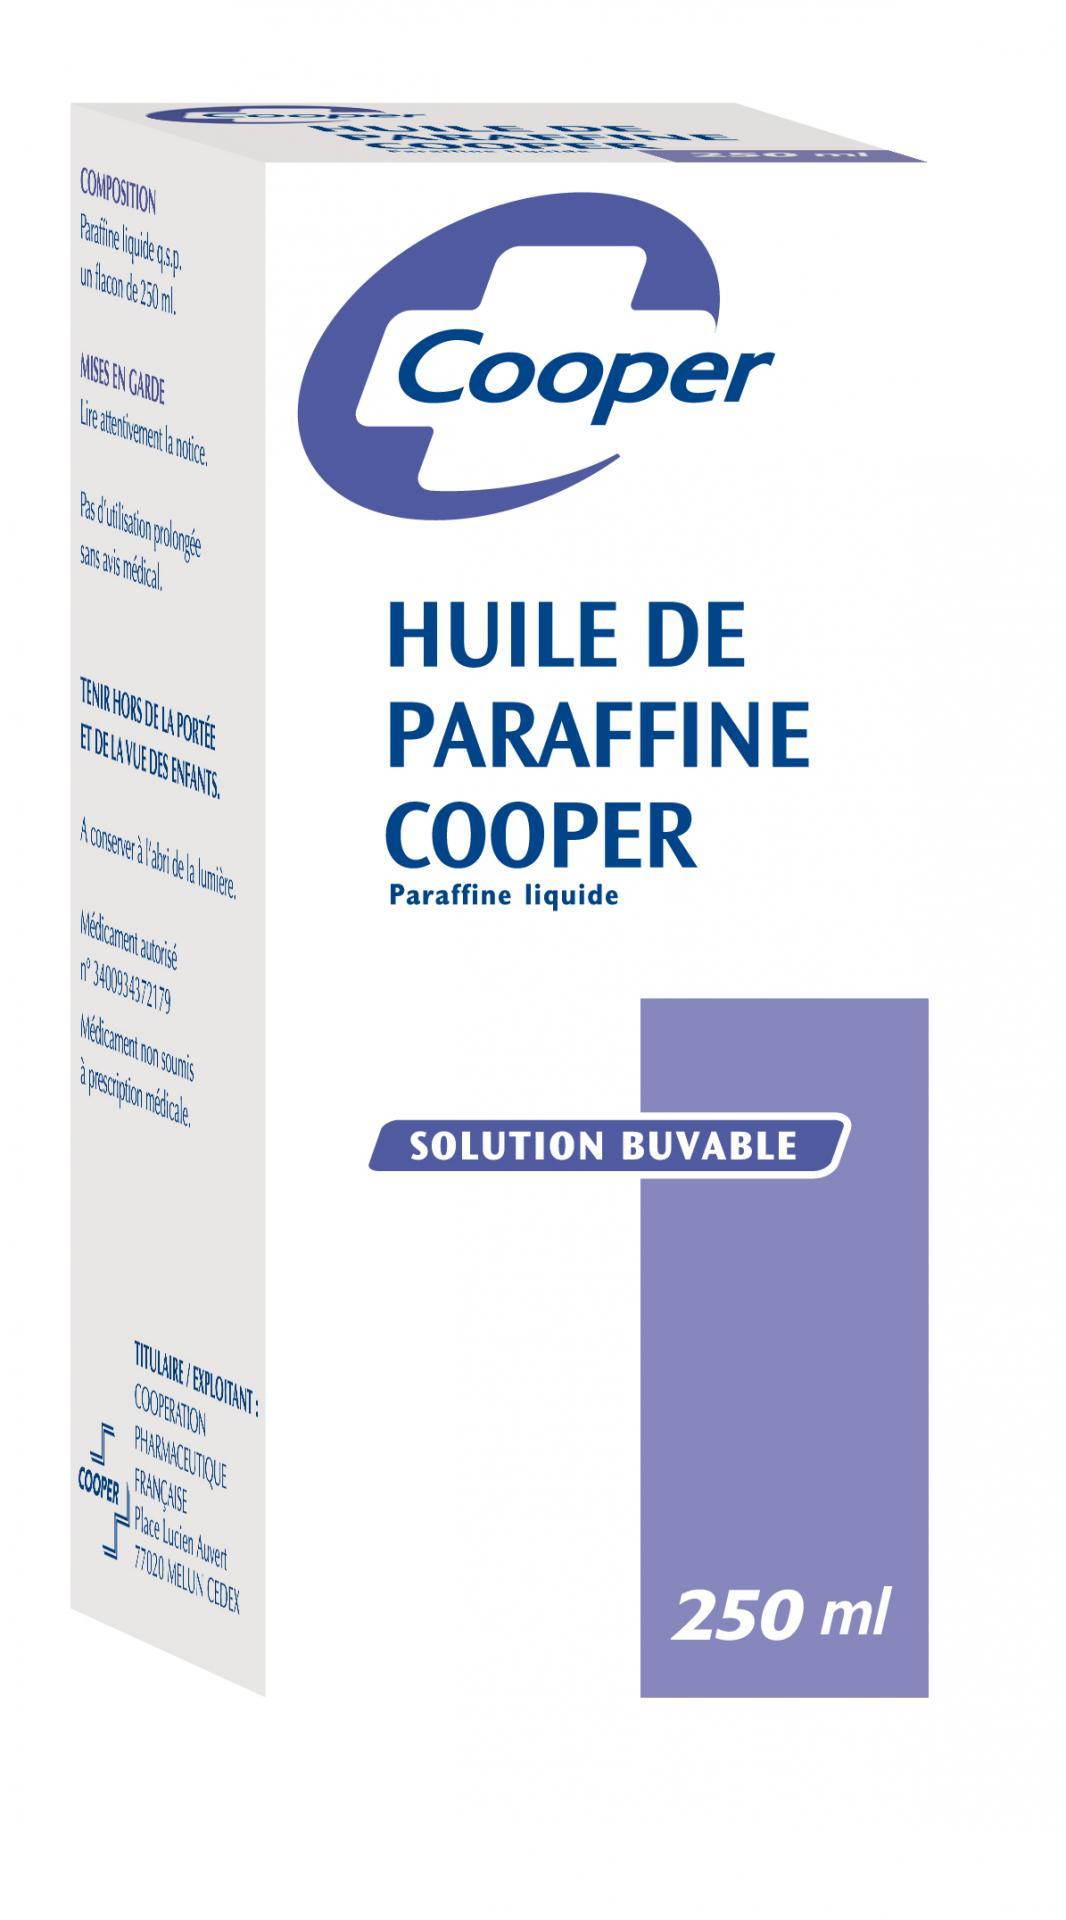 Paraffine cooper